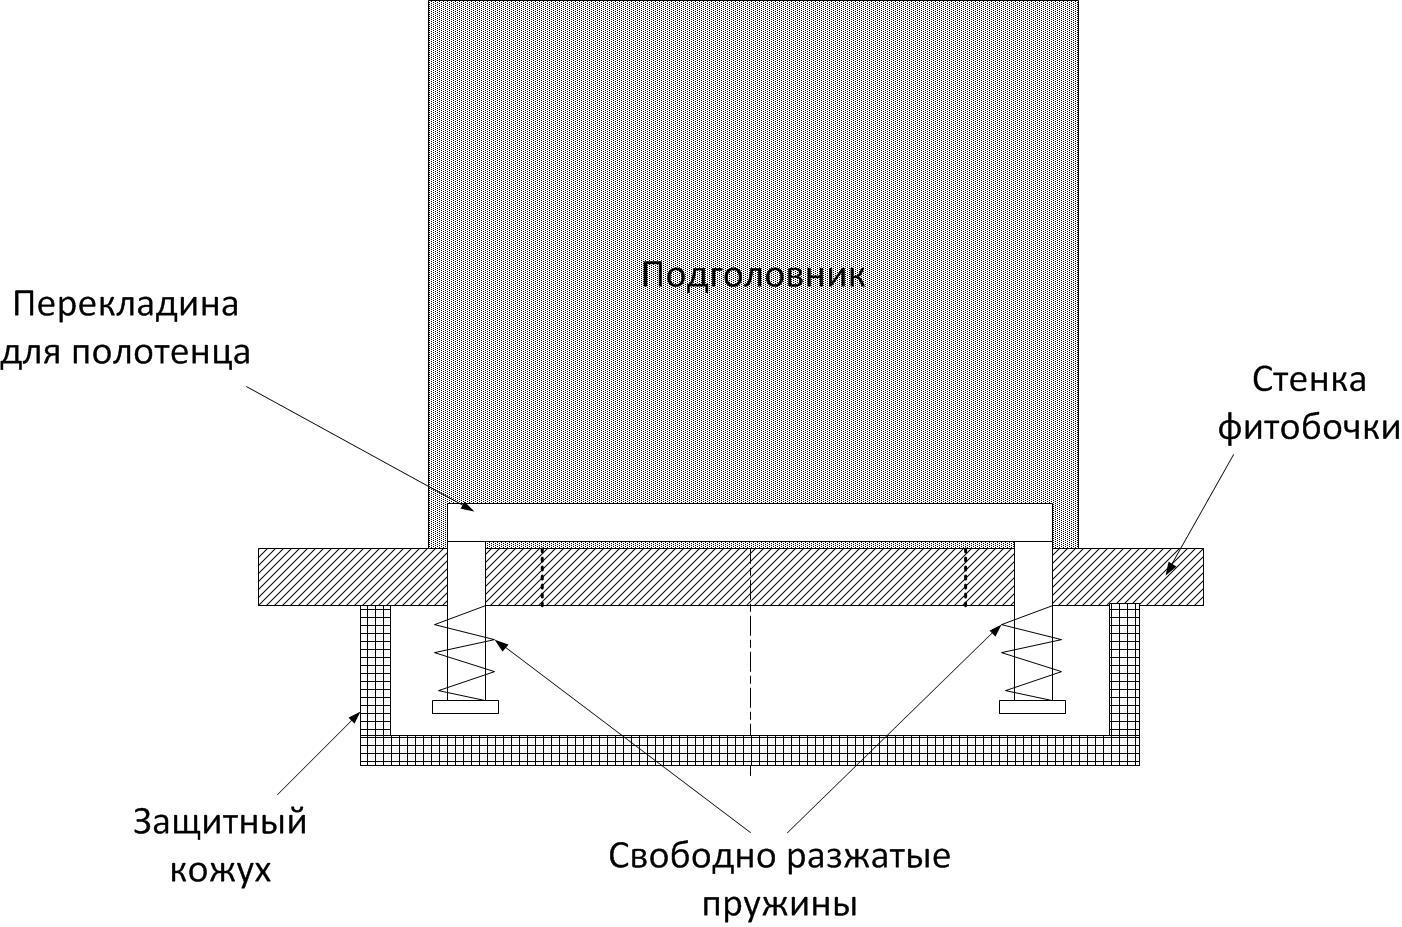 Вариант фиксатора для горизонтальной фитобочки